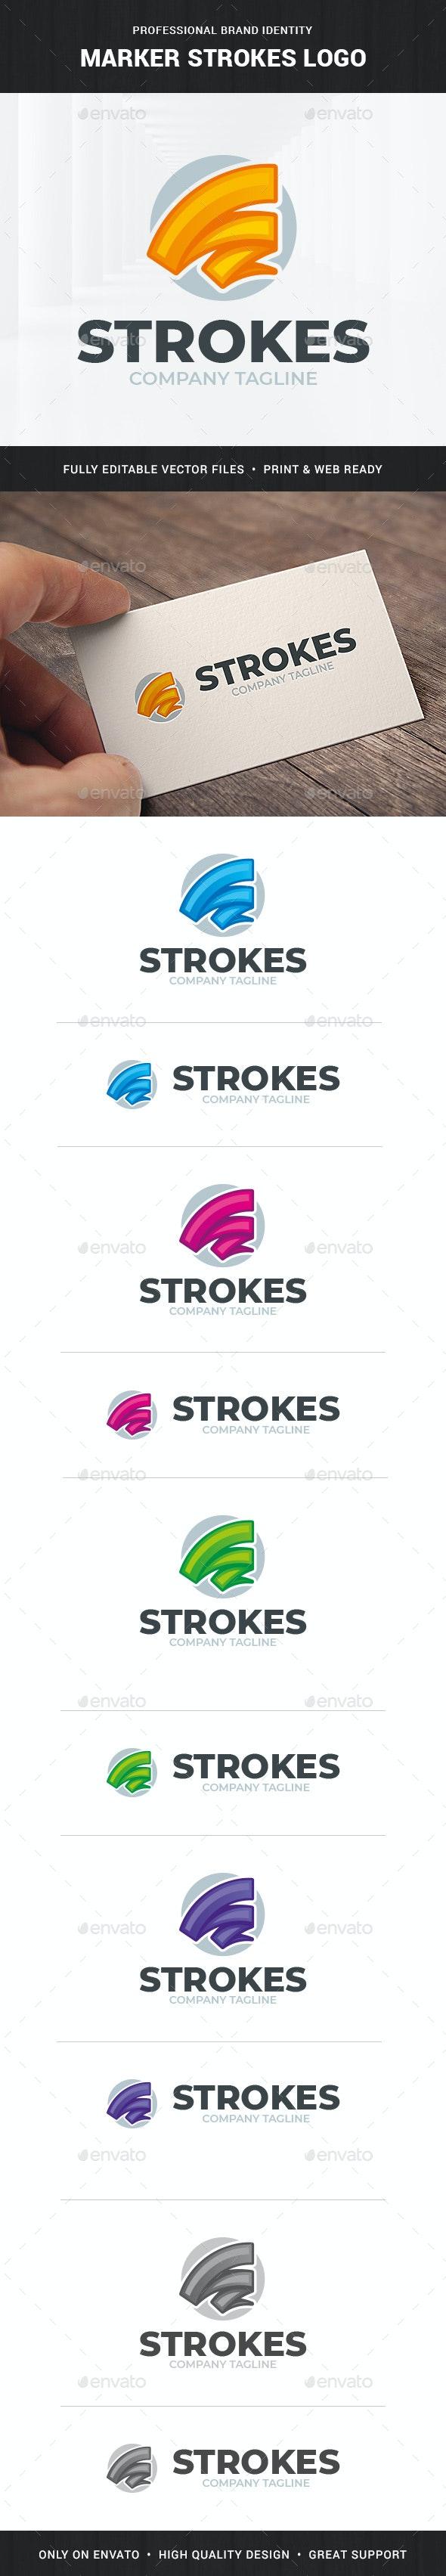 Marker Strokes Logo Template - Abstract Logo Templates